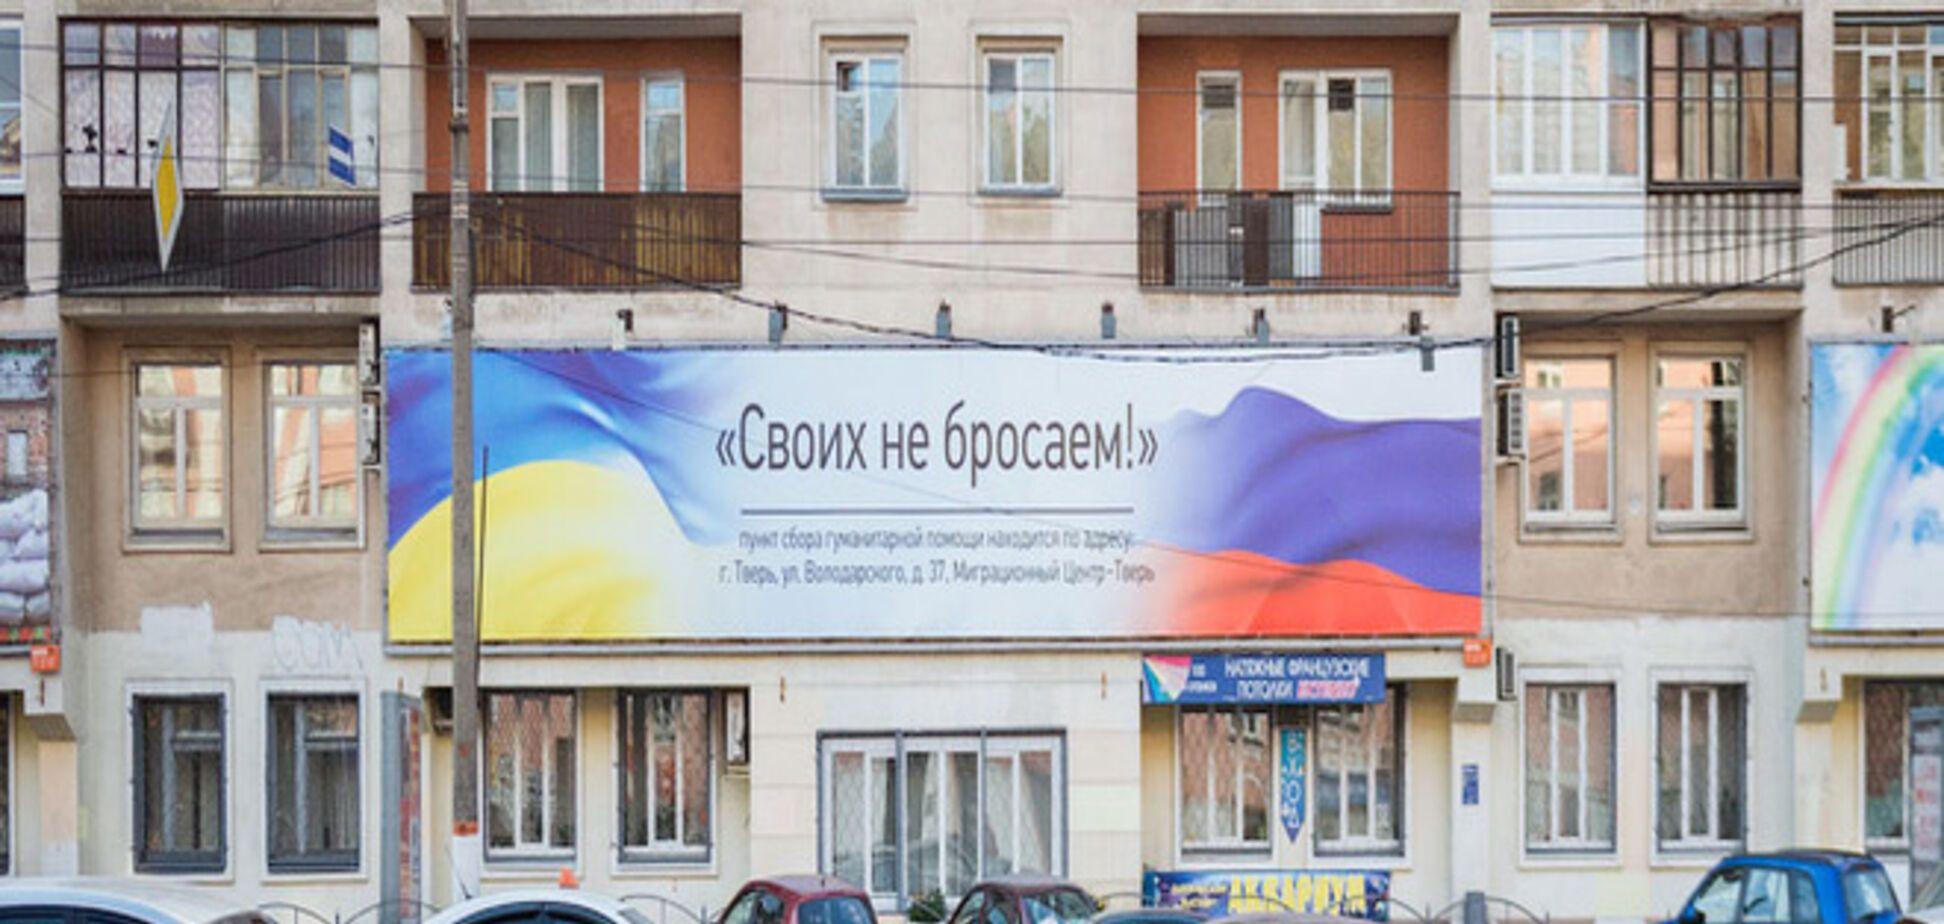 В Твери из-за публикации в соцсетях сняли уличный баннер с призывом помочь Украине